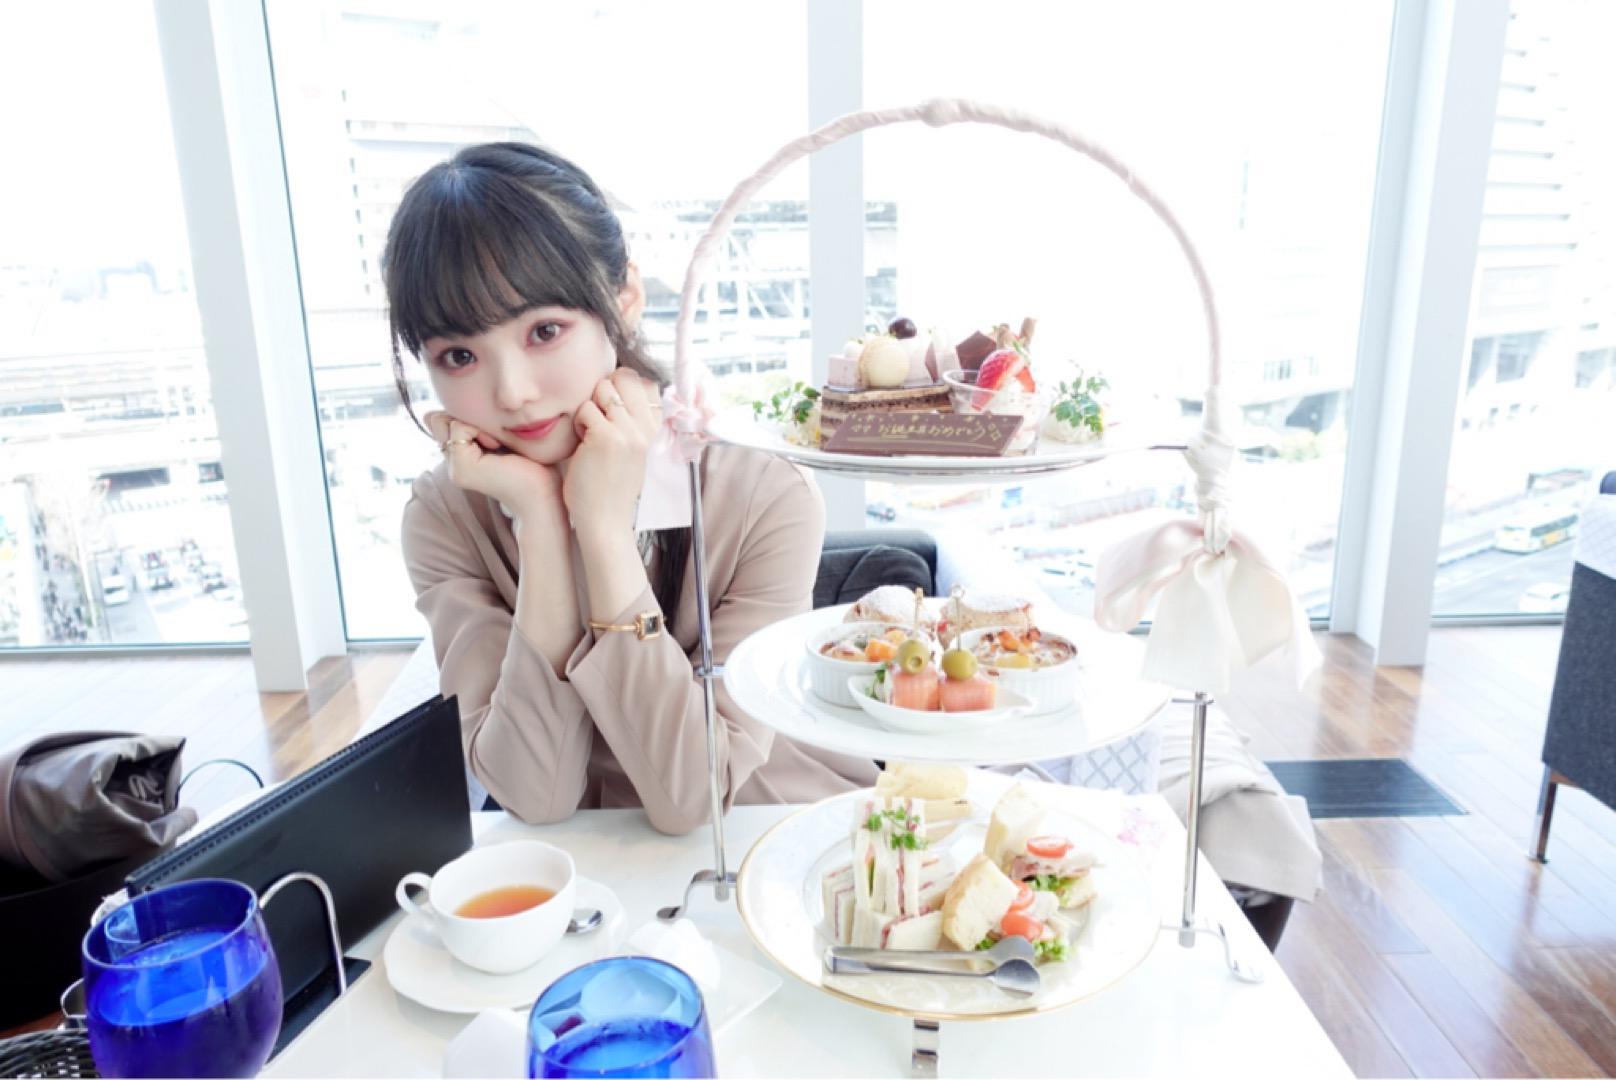 ドラマ半沢直樹のロケ地!?大阪にあるThe Grand Cafeでアフタヌーンティーをしたらとても眺望が良かった!甘いものばかりではないので男性にもおすすめ★_10